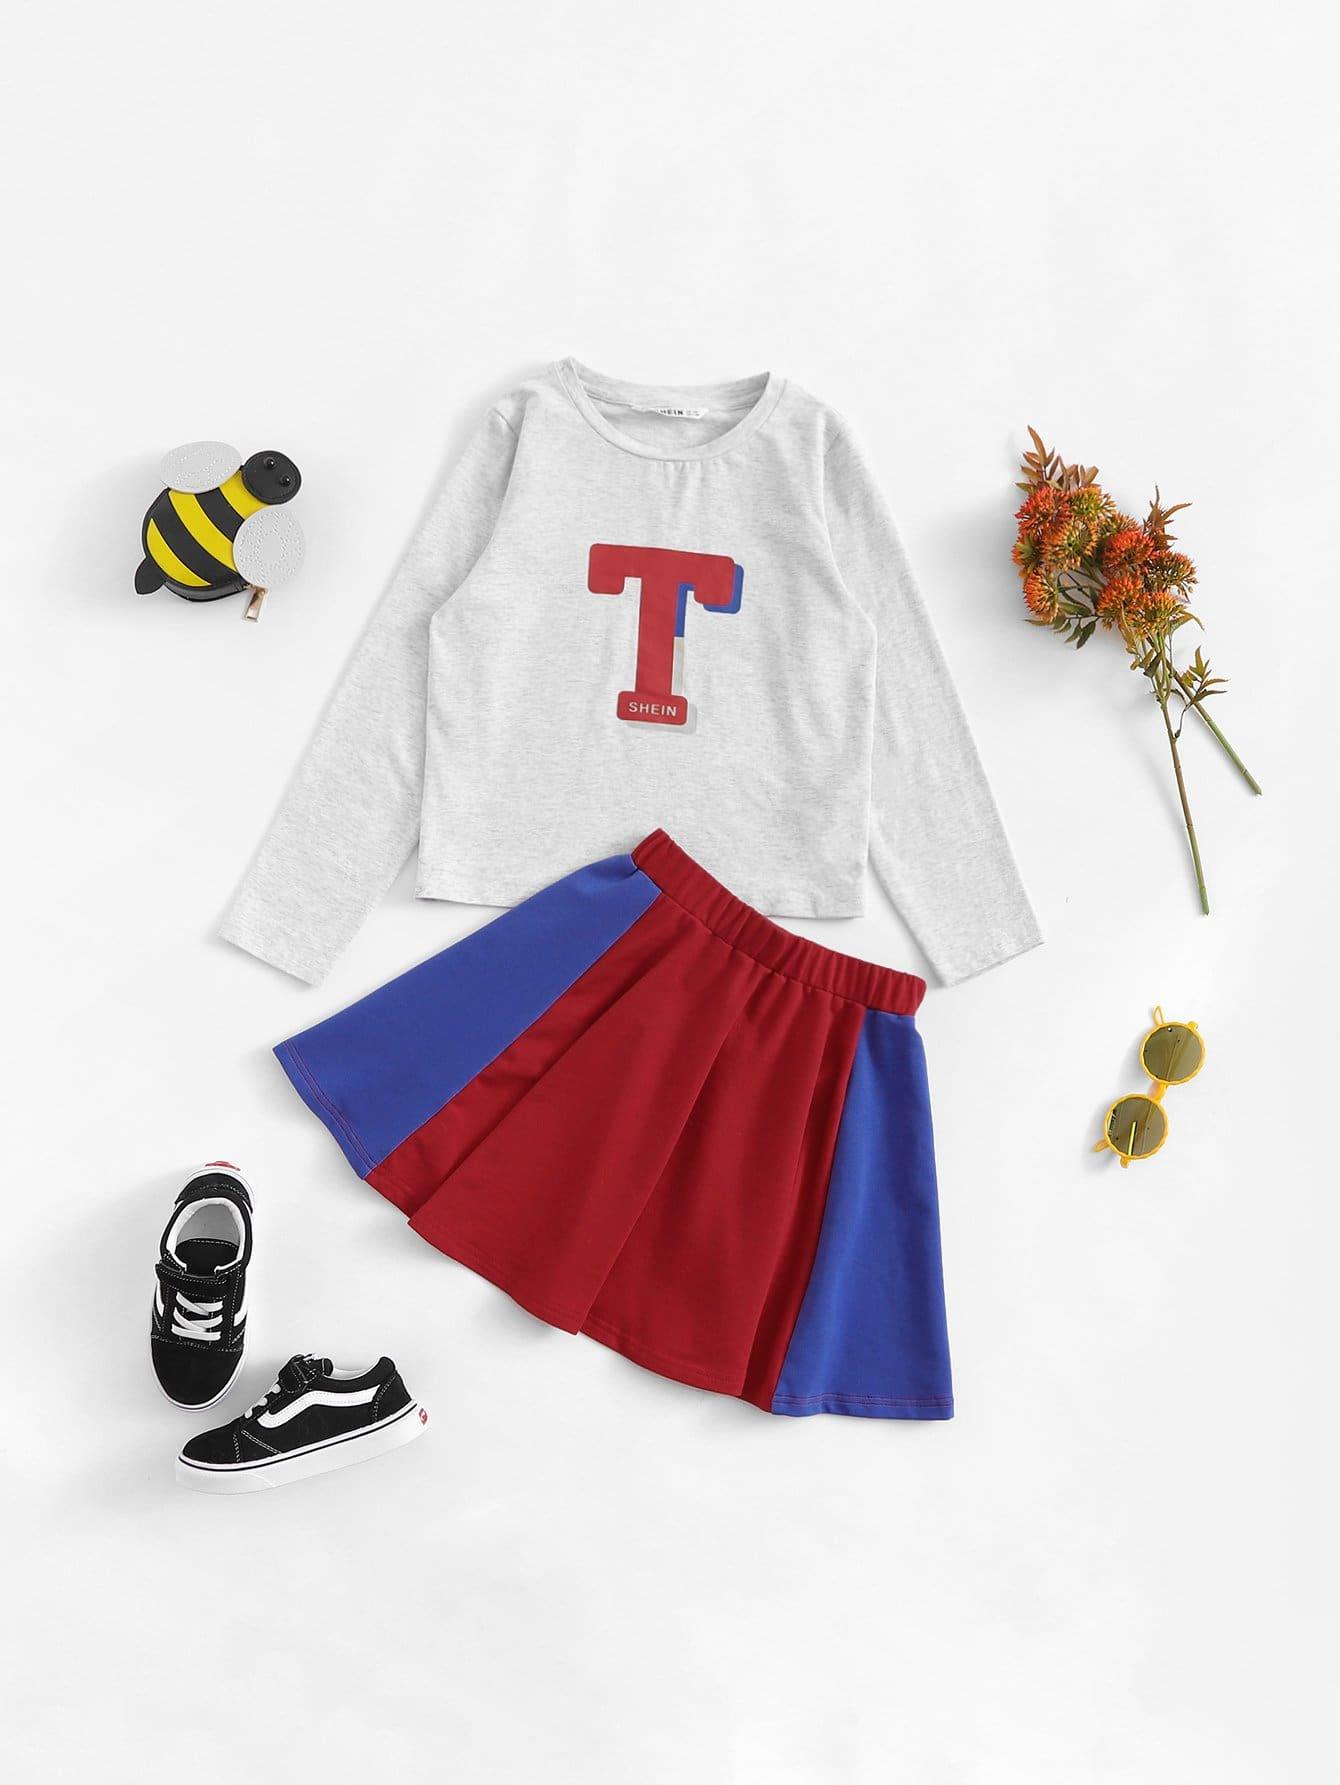 Купить Блузка с рисунком T и юбка клёш для девочки, null, SheIn